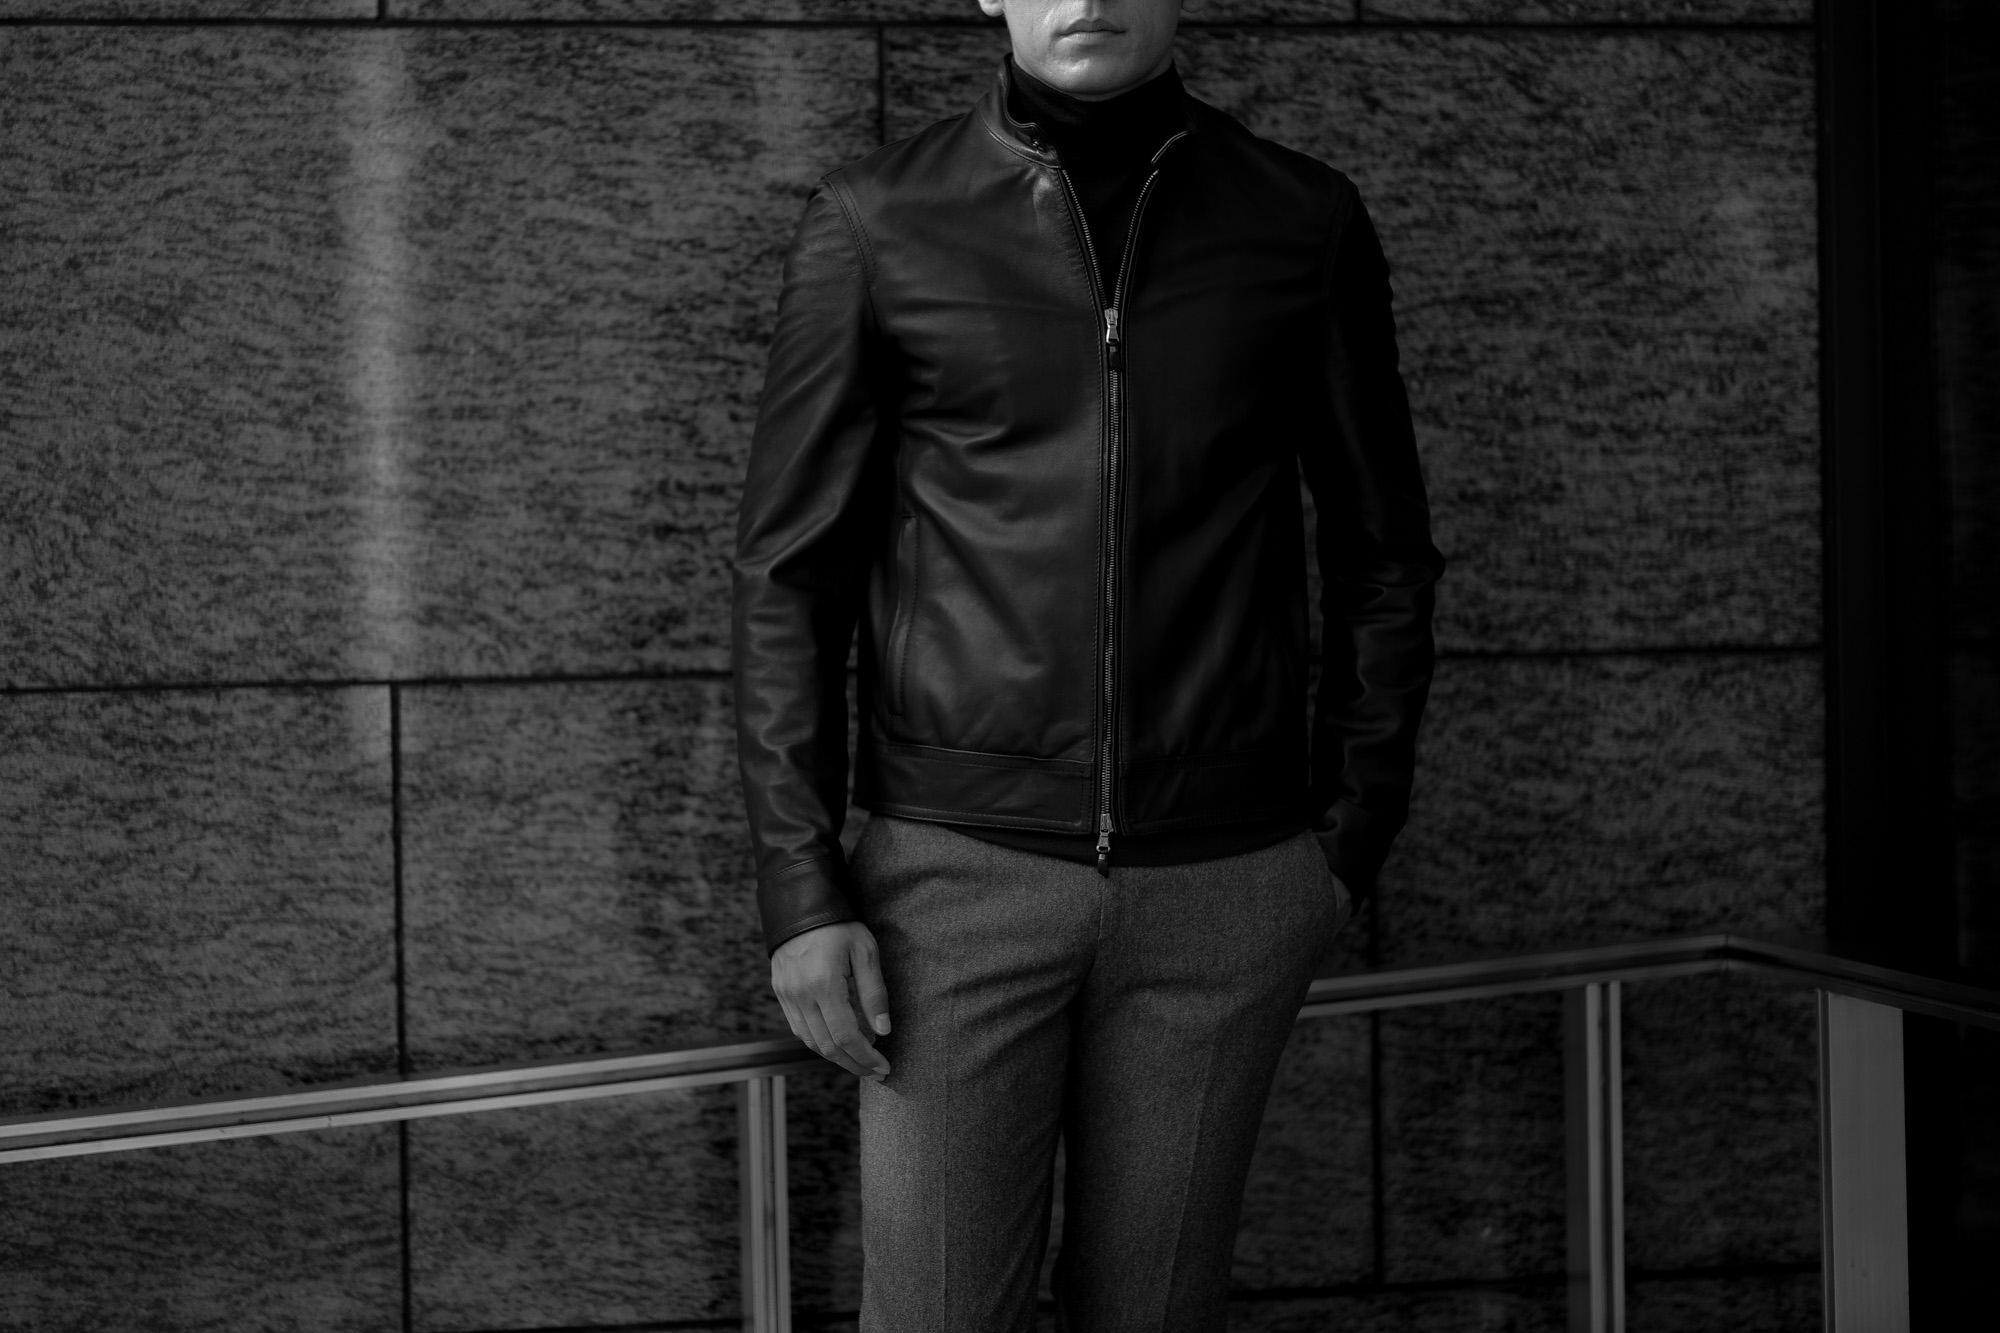 EMMETI(エンメティ) JURI(ユリ) Lambskin Nappa Silk (ラムナッパシルクレザー) シングルライダース レザージャケット BIANCO (ホワイト) made in italy (イタリア製) 2021 春夏 【ご予約開始】愛知 名古屋 白レザー